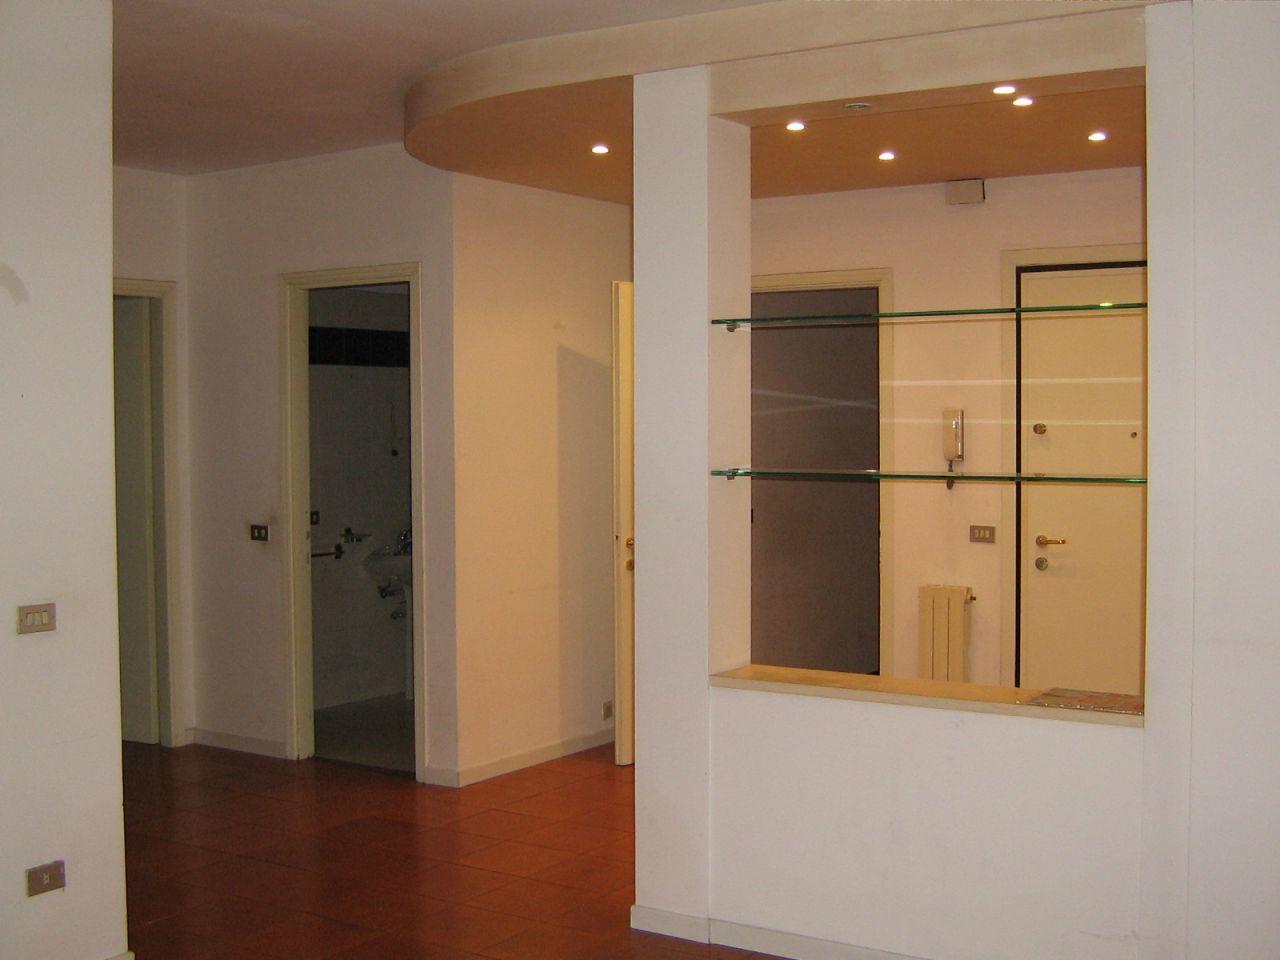 Appartamento Quadrilocale a Noceto in affitto - 130mq